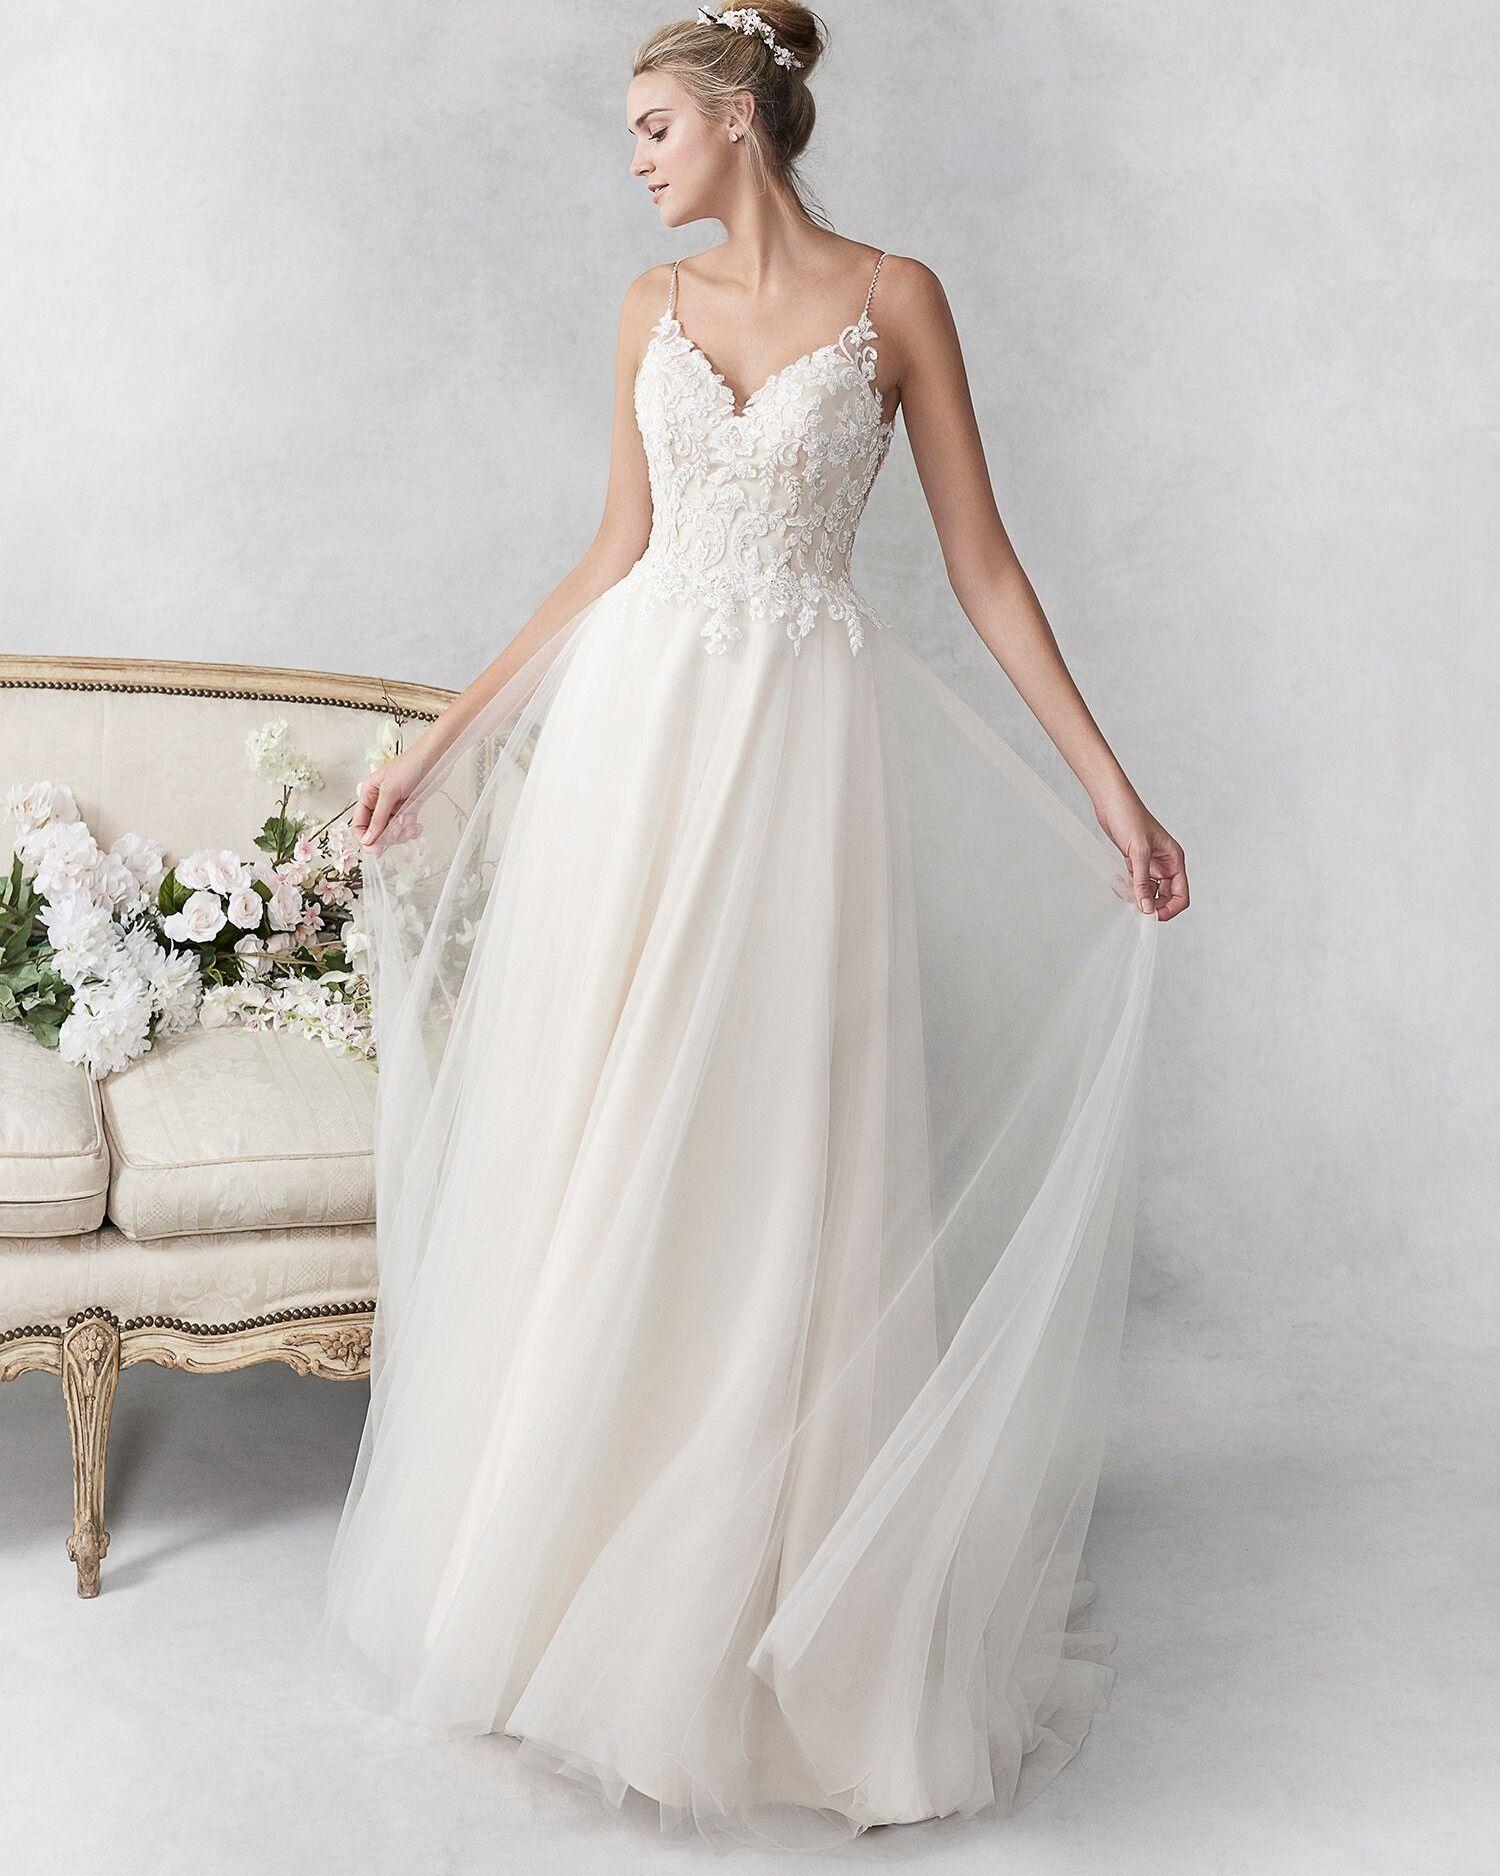 Romantic Lace Bridal Gown Wedding Dresses A Line Wedding Dress Tulle Skirt Wedding Dress